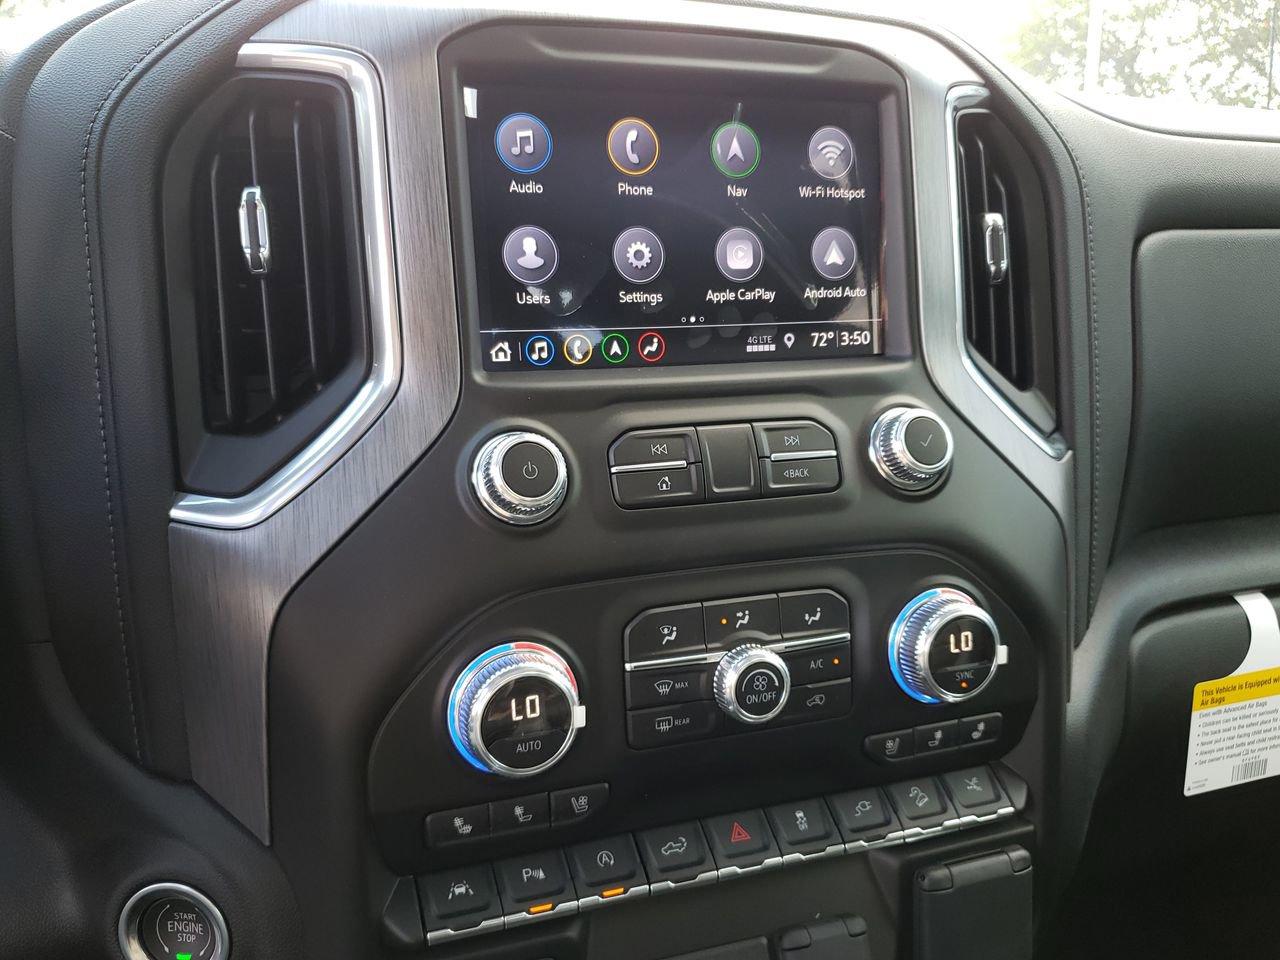 New 2019 GMC Sierra 1500 Denali